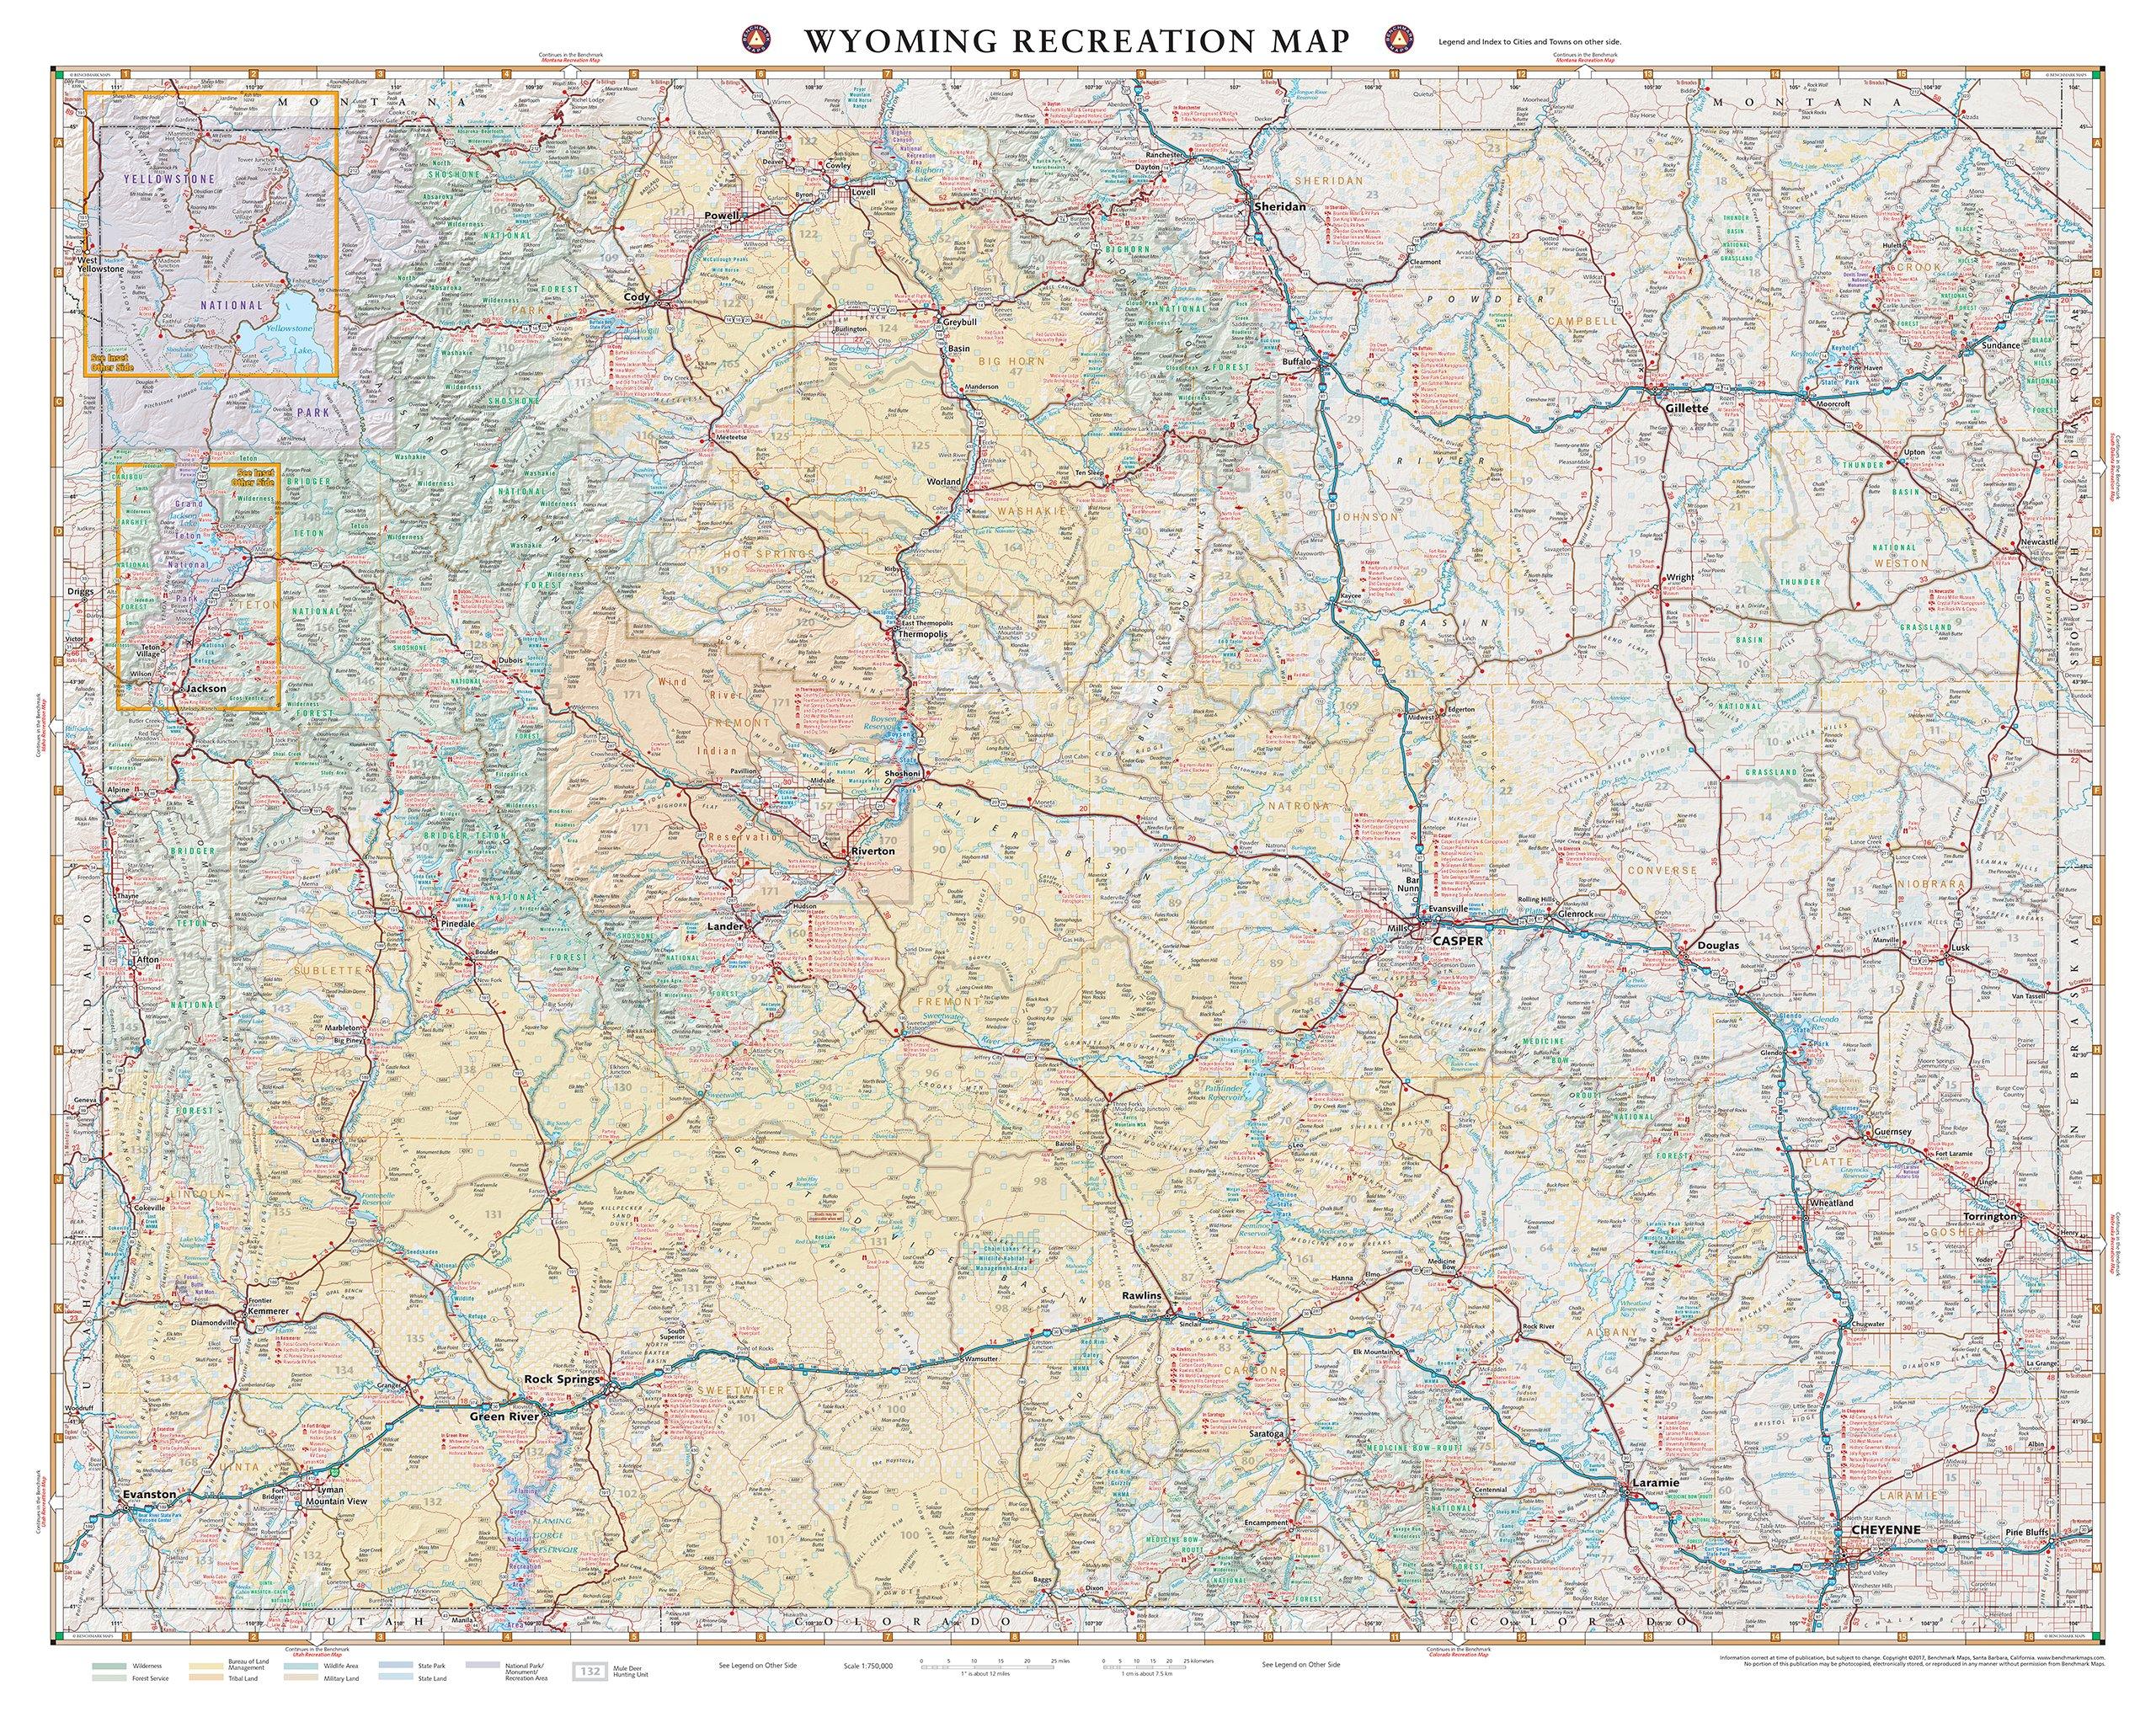 Wyoming Recreation Map Benchmark Maps 9780783499215 Amazoncom Books